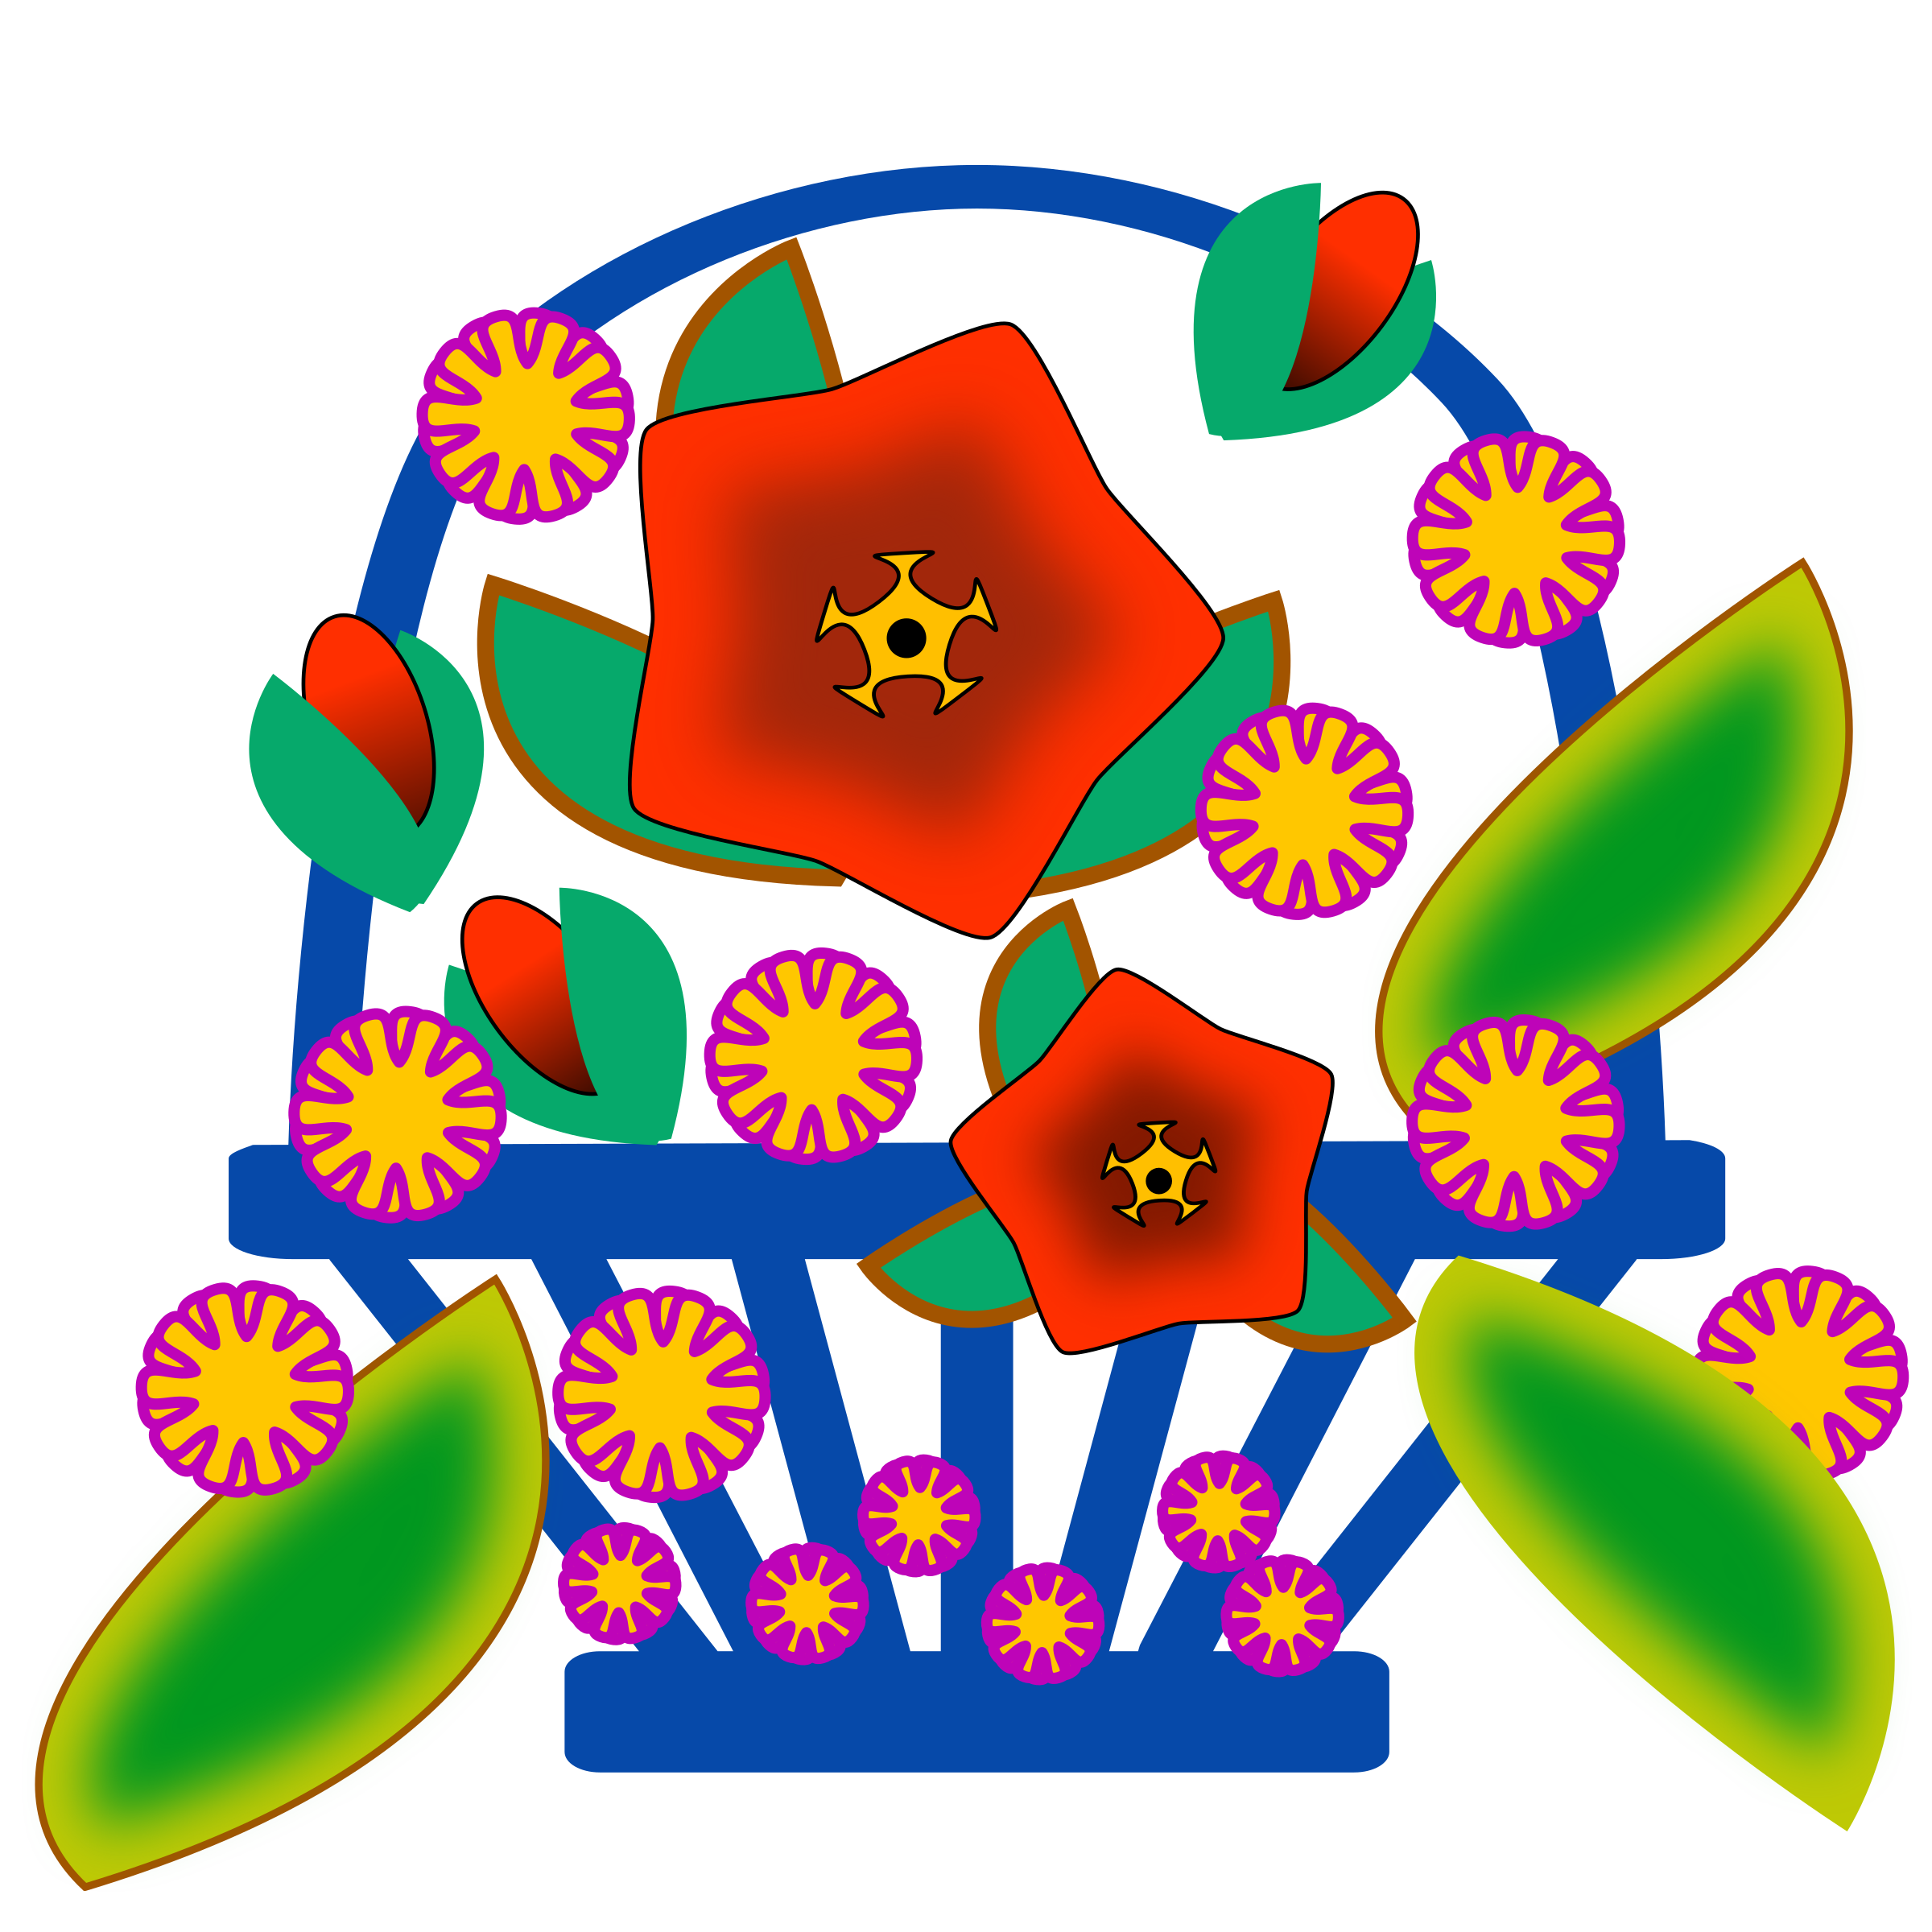 September flower clipart svg transparent Clipart - Flower Basket svg transparent